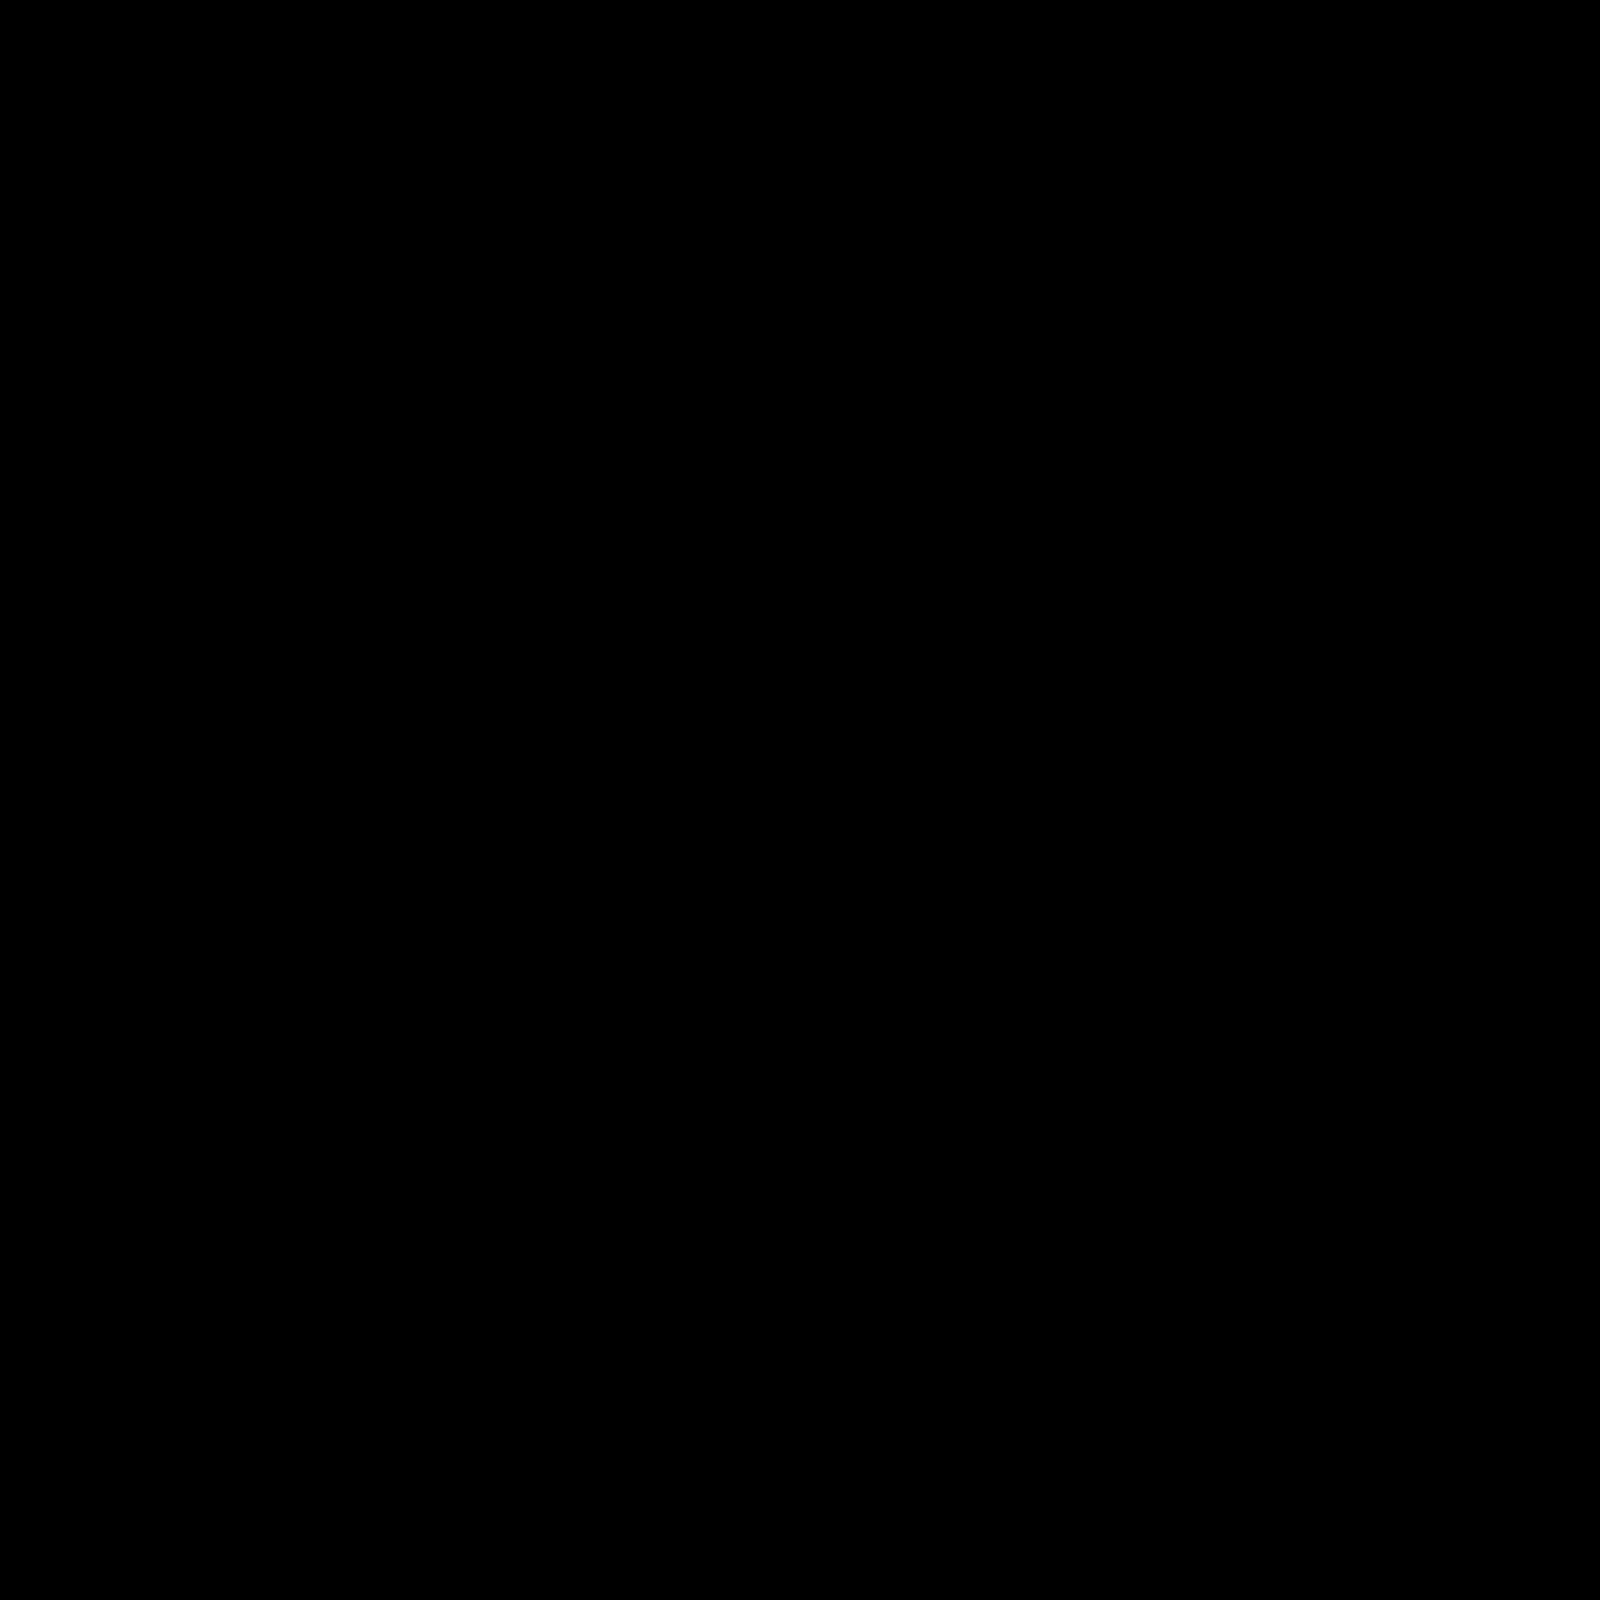 180回転 icon